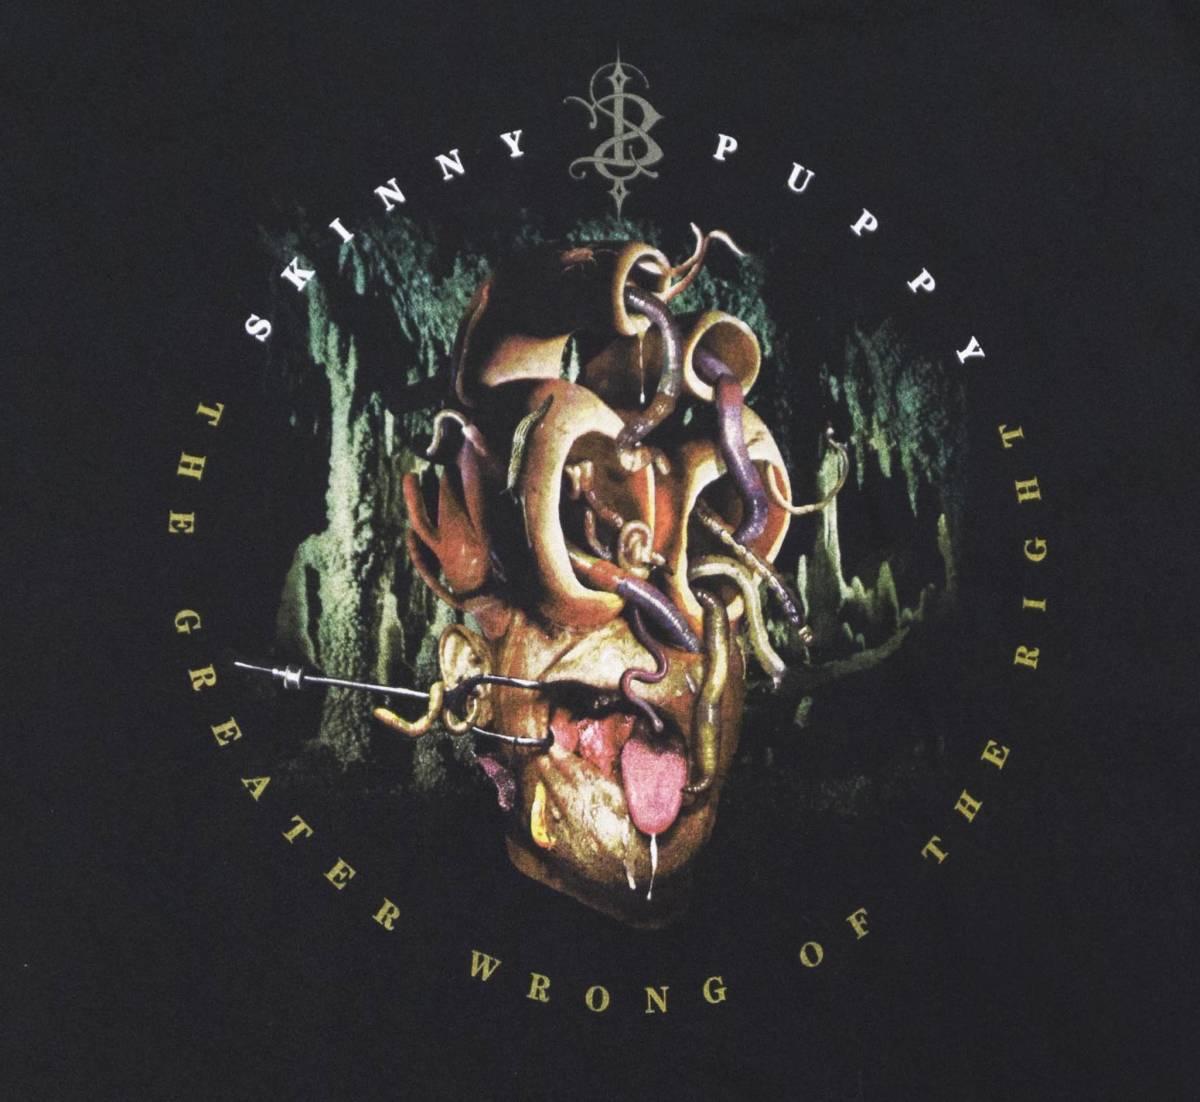 激レア! 00's SKINNY PUPPY 『THE GREATER WRONG OF THE RIGHT』 ツアー Tシャツ COIL MINISTRY MARILYN MANSON NINE INCH NAILS KMFDM_画像4